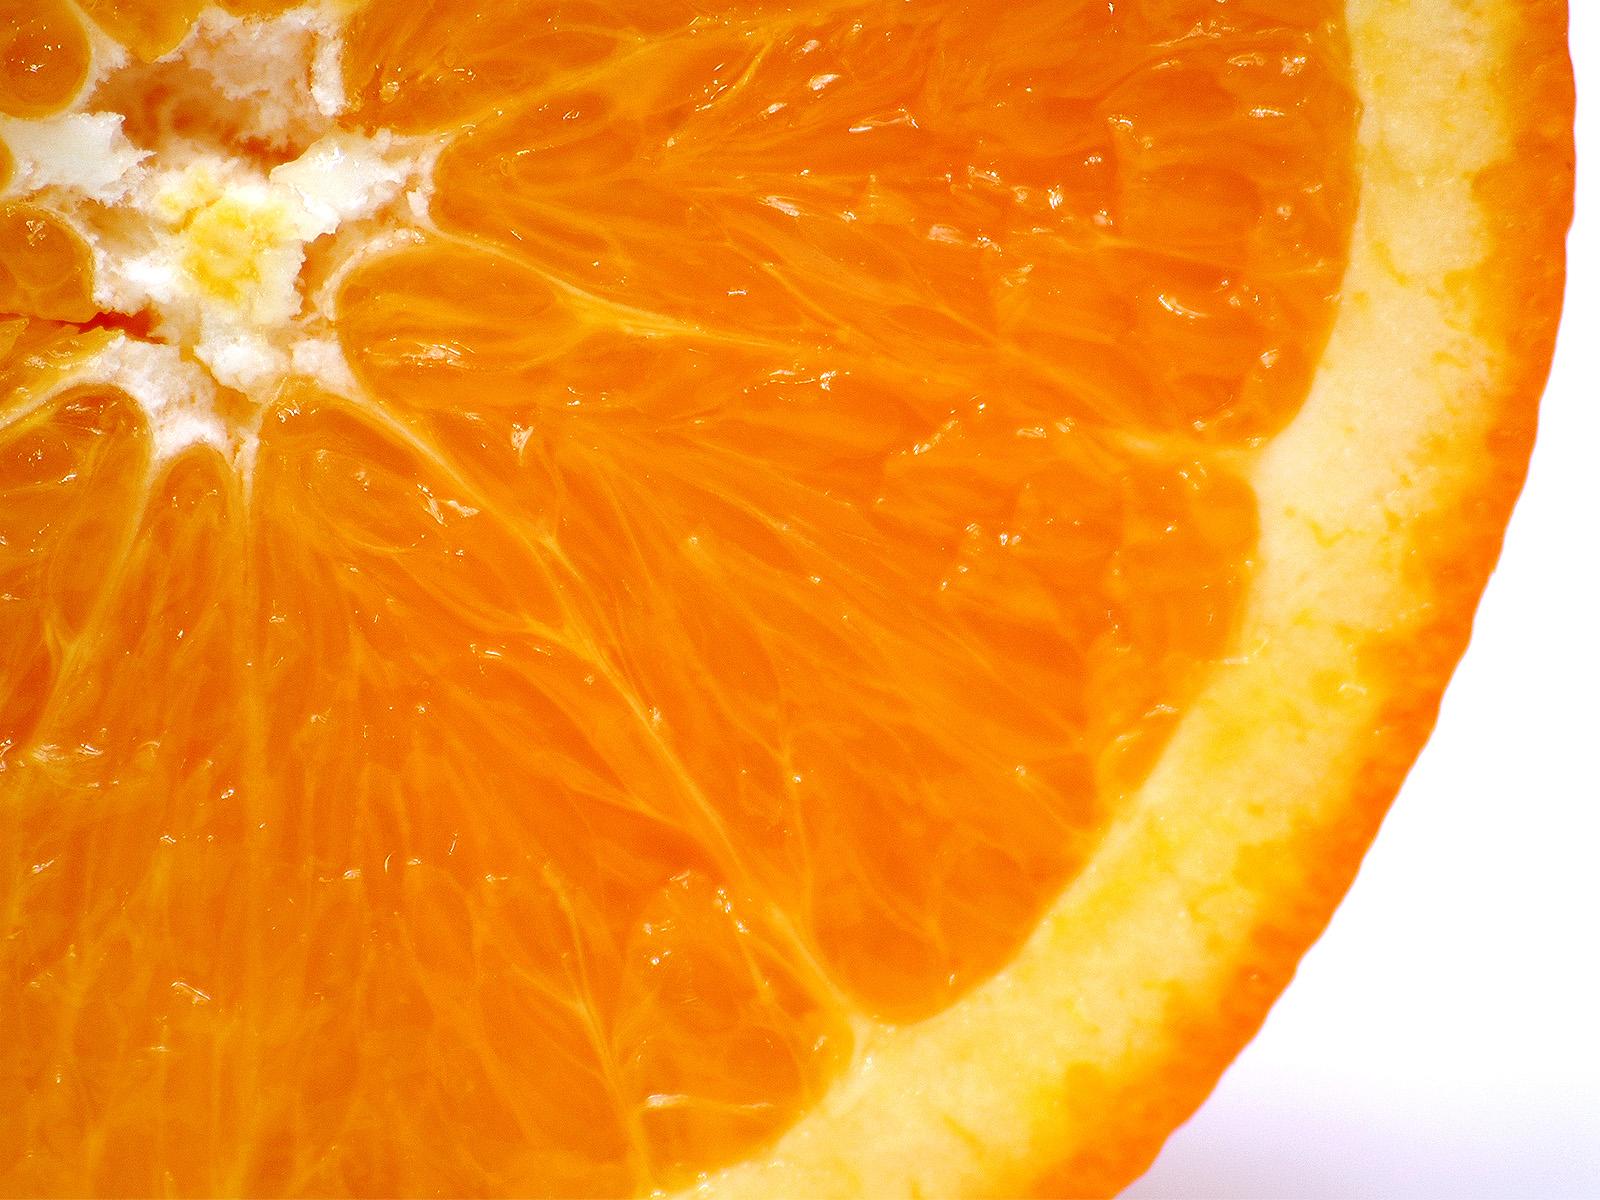 Апельсин, долбка, фото, скачать